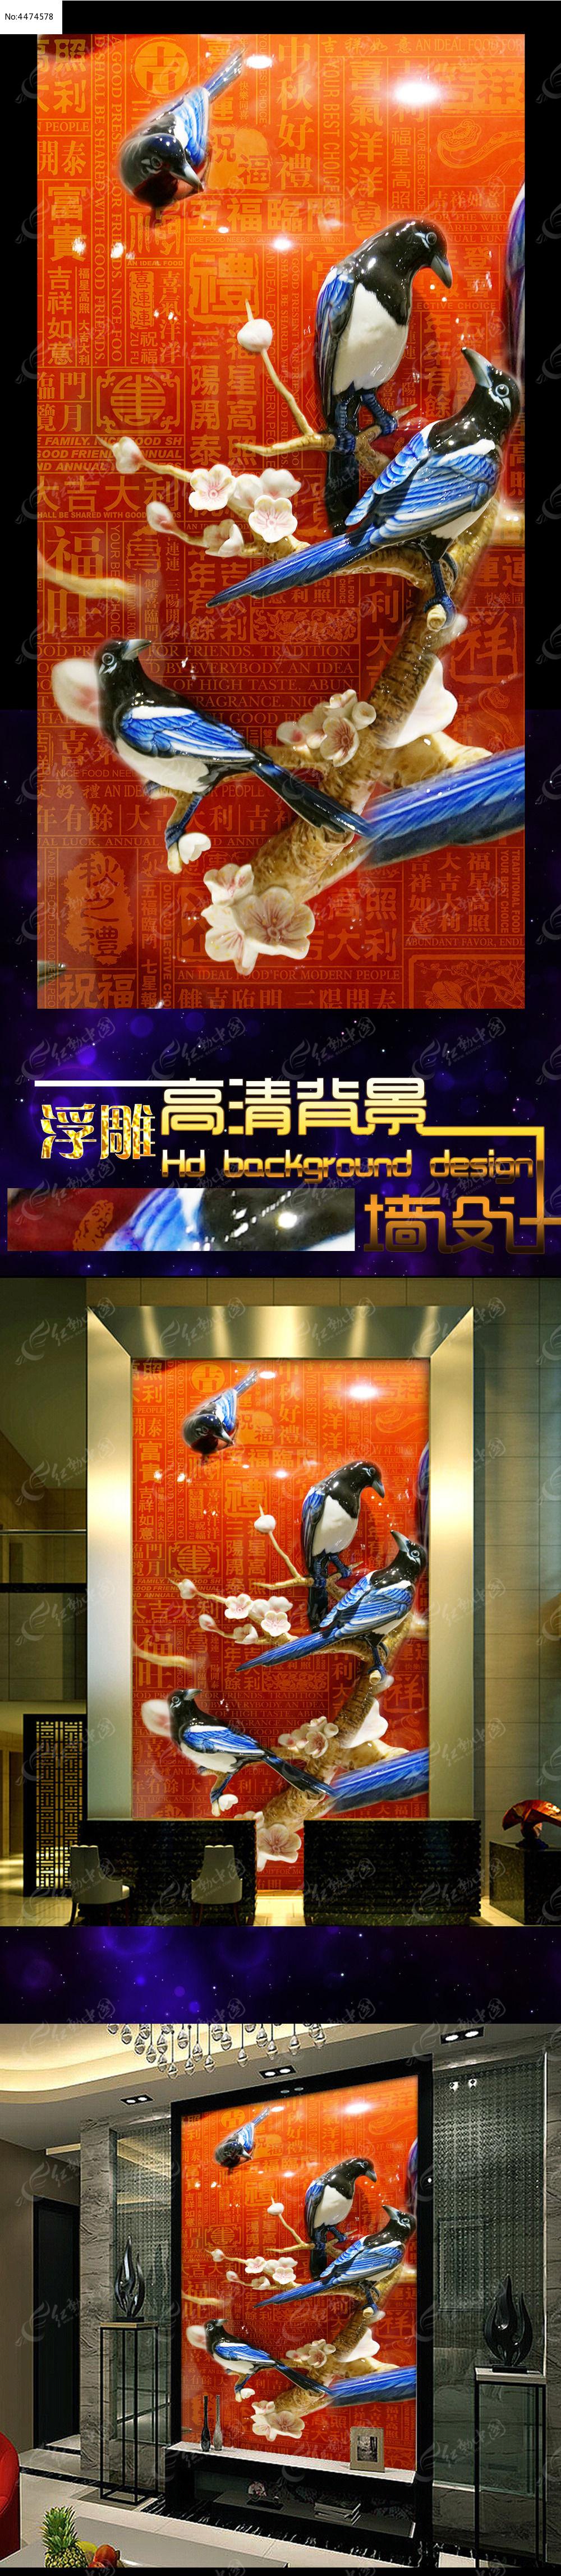 中式喜鹊春梅吉祥浮雕精美玄关图片